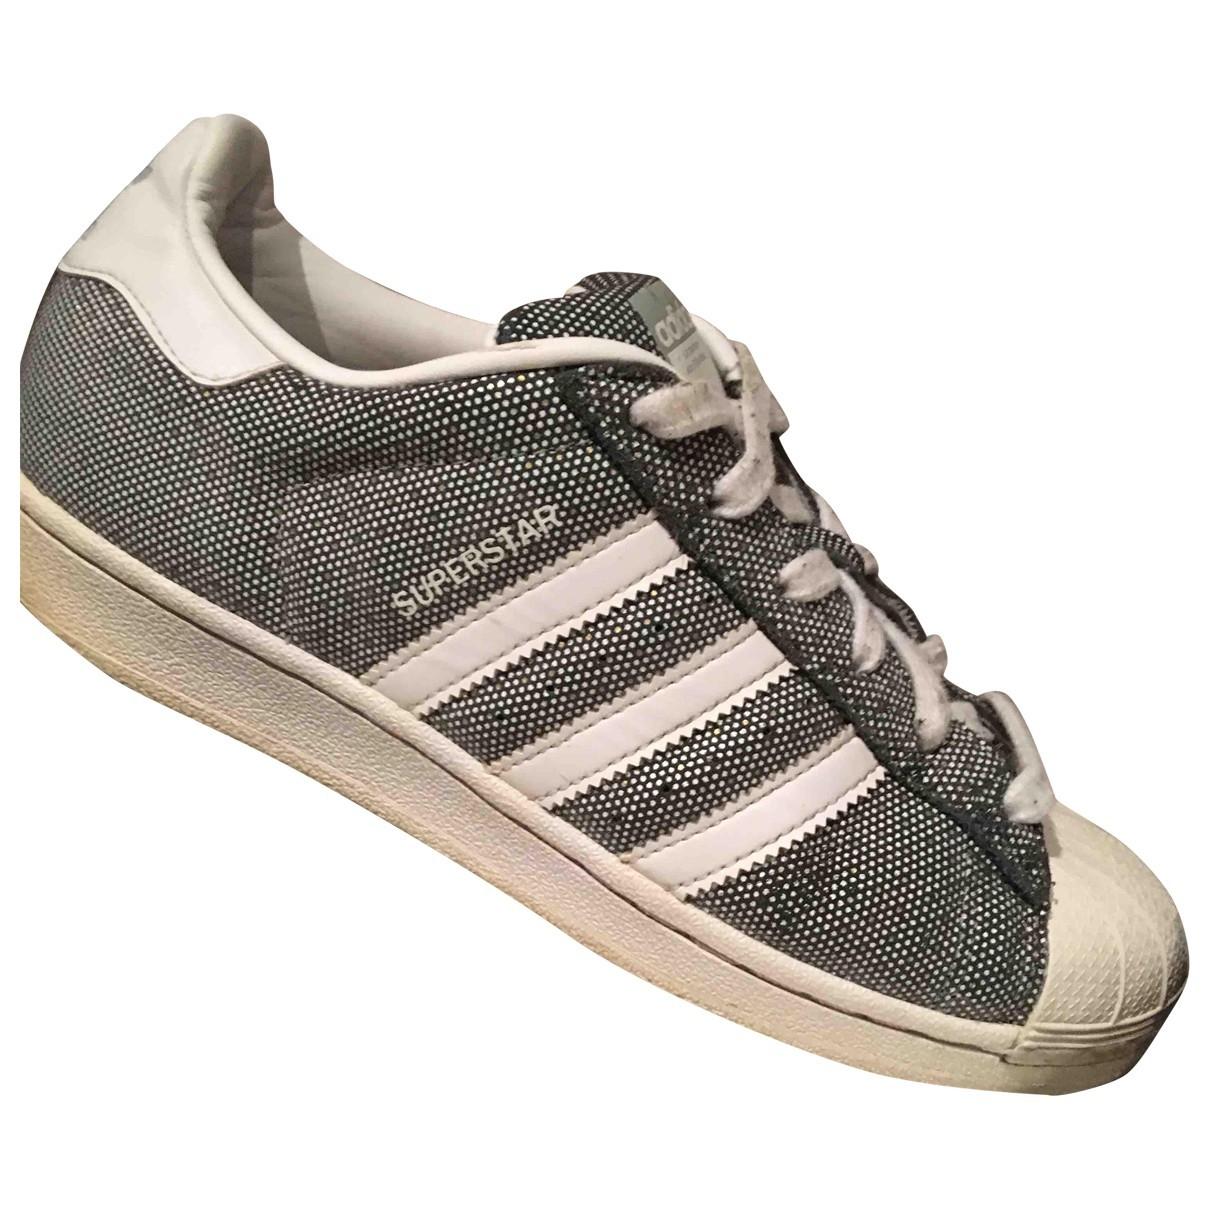 Adidas Superstar Sneakers in  Silber Leder